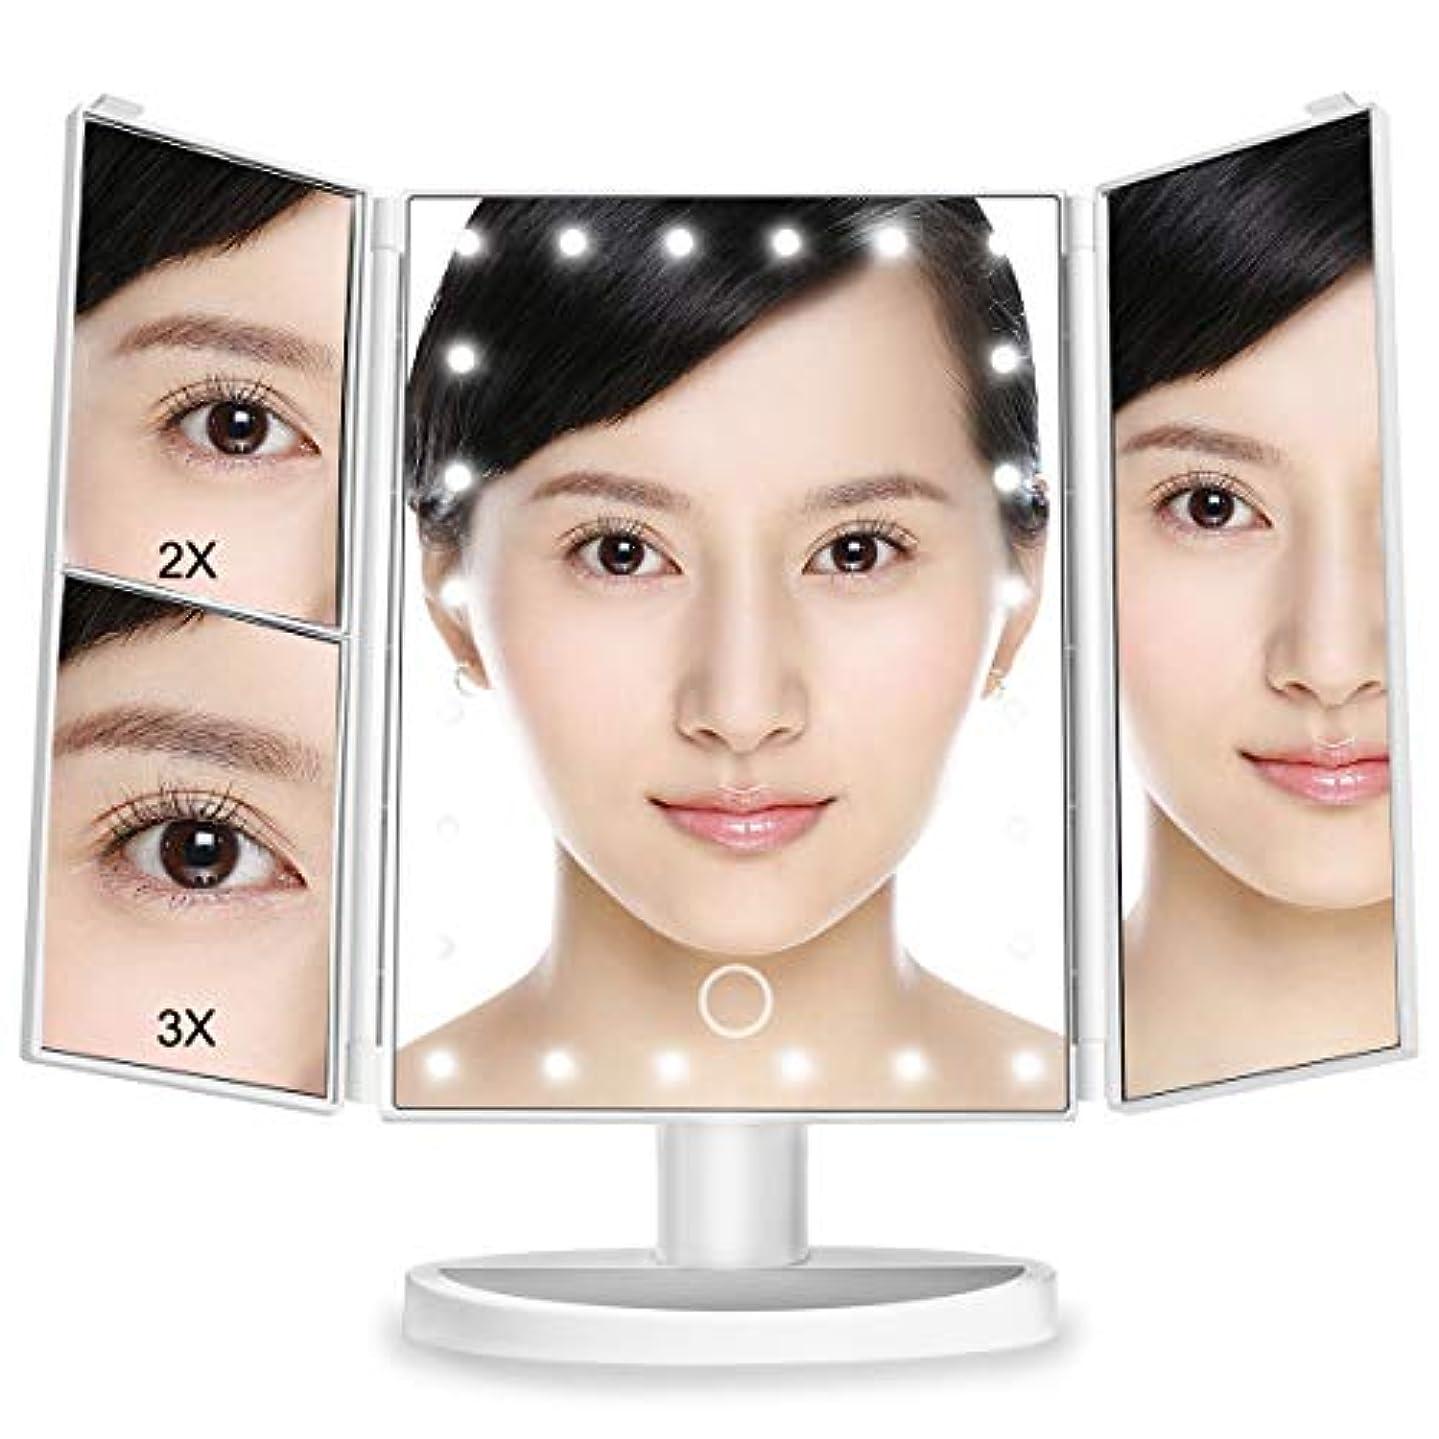 スキップディスク送った女優ミラー 三面鏡 鏡 led 卓上鏡 化粧鏡 化粧ミラー 鏡 折りたたみ式 ledライト付き 明るさ調整可能 2&3倍拡大鏡付 180 °回転 電池&USB 2WAY給電